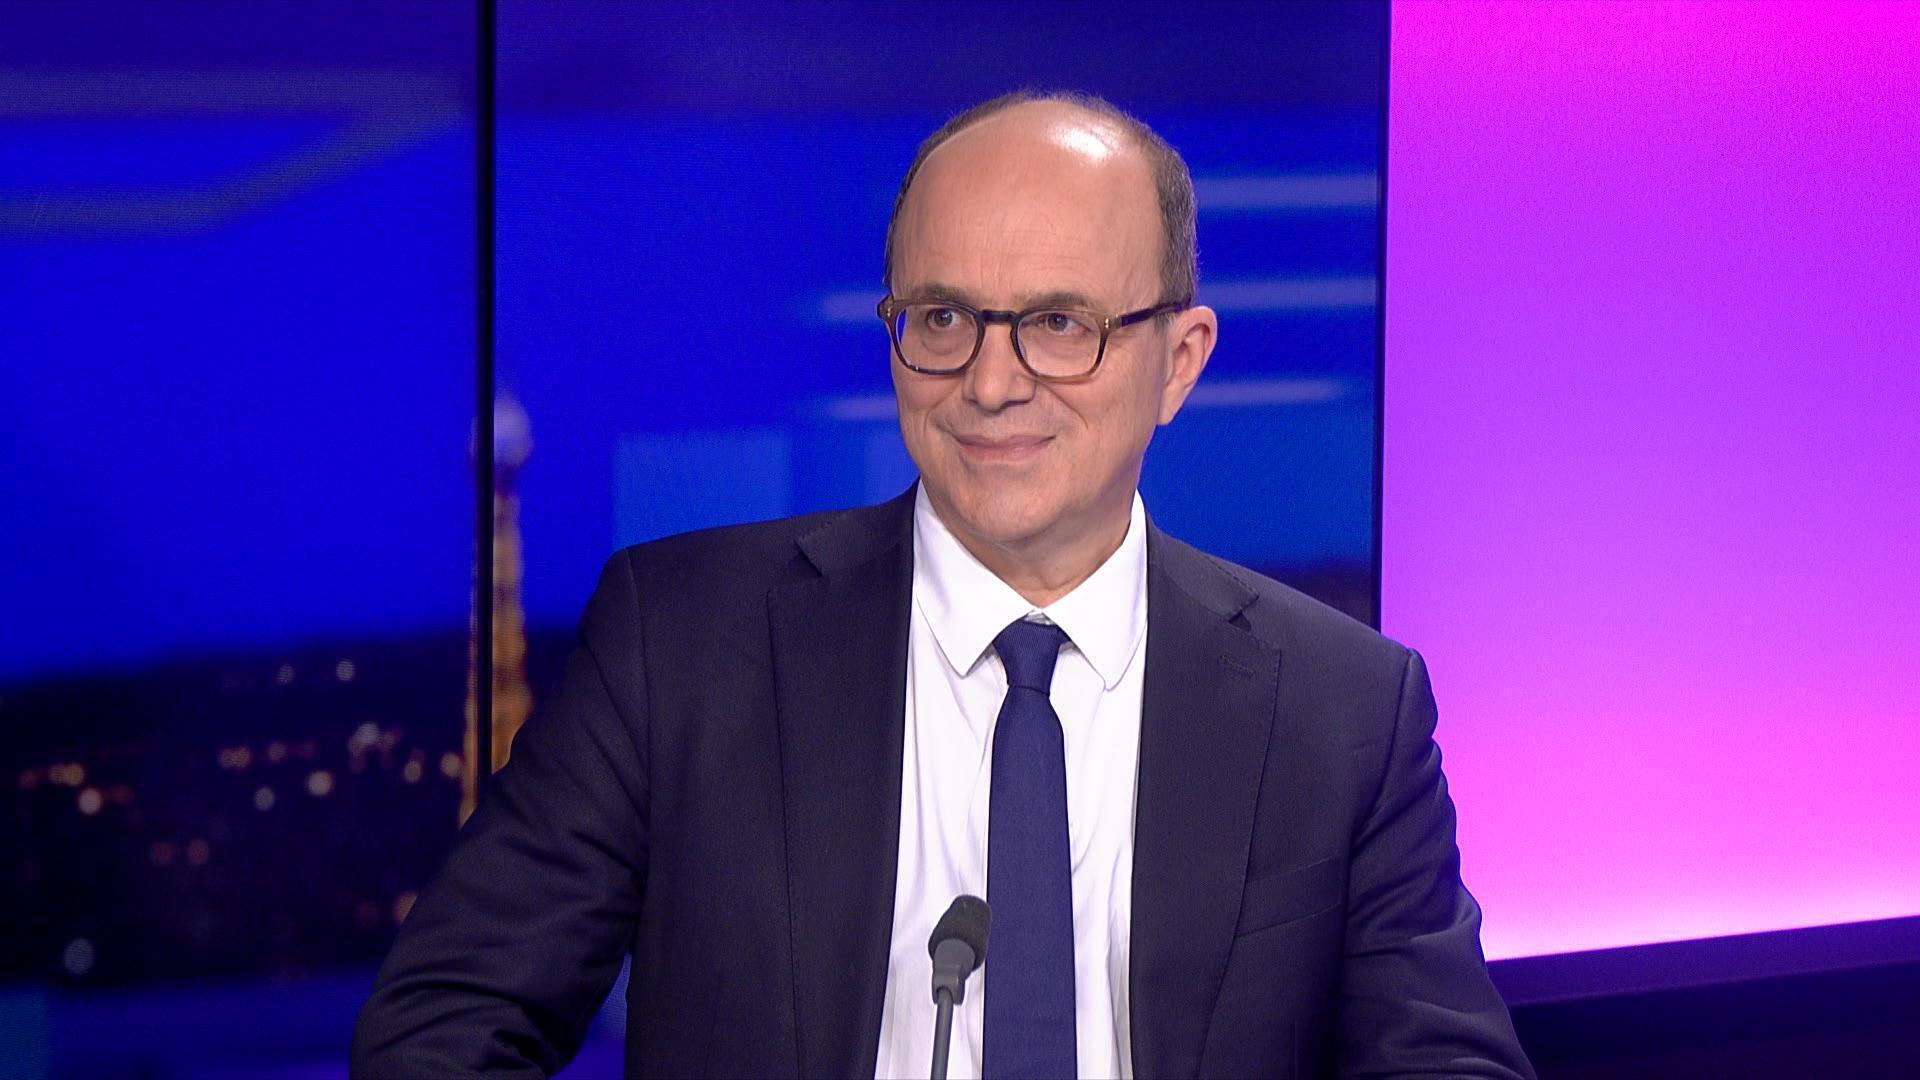 Sénateur André Gattolin